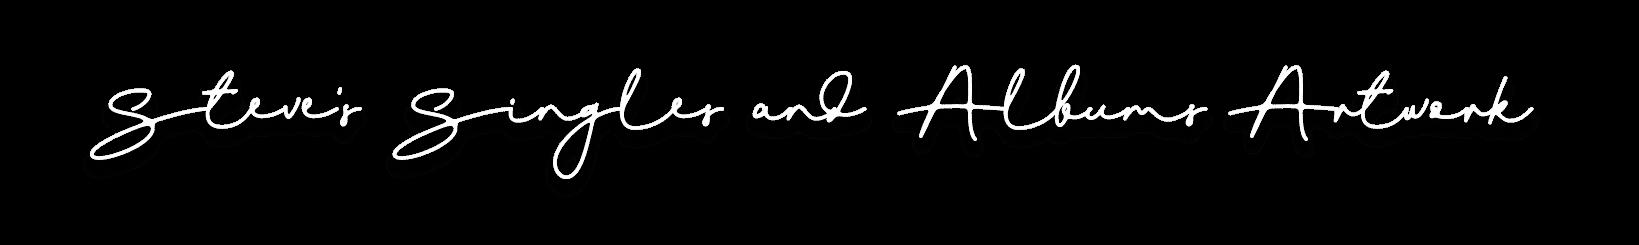 Steve's Singles and Album Artwork